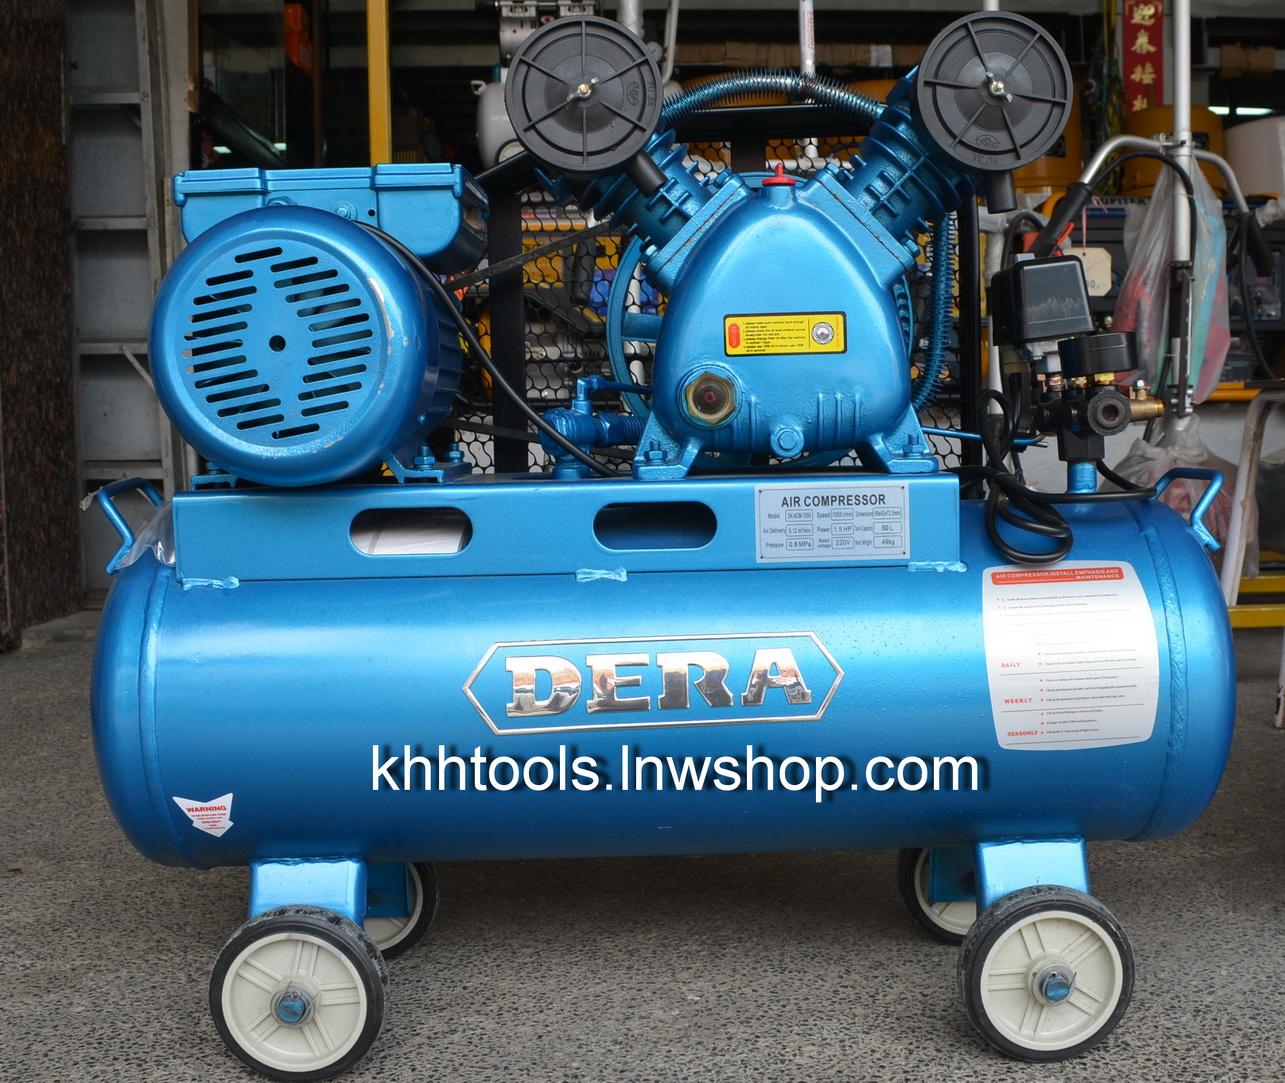 ปั๊มลม 1/2HP ประกอบมอเตอร์ 1.5HP ยี่ห้อ DERA รุ่น DK-ACM-1550